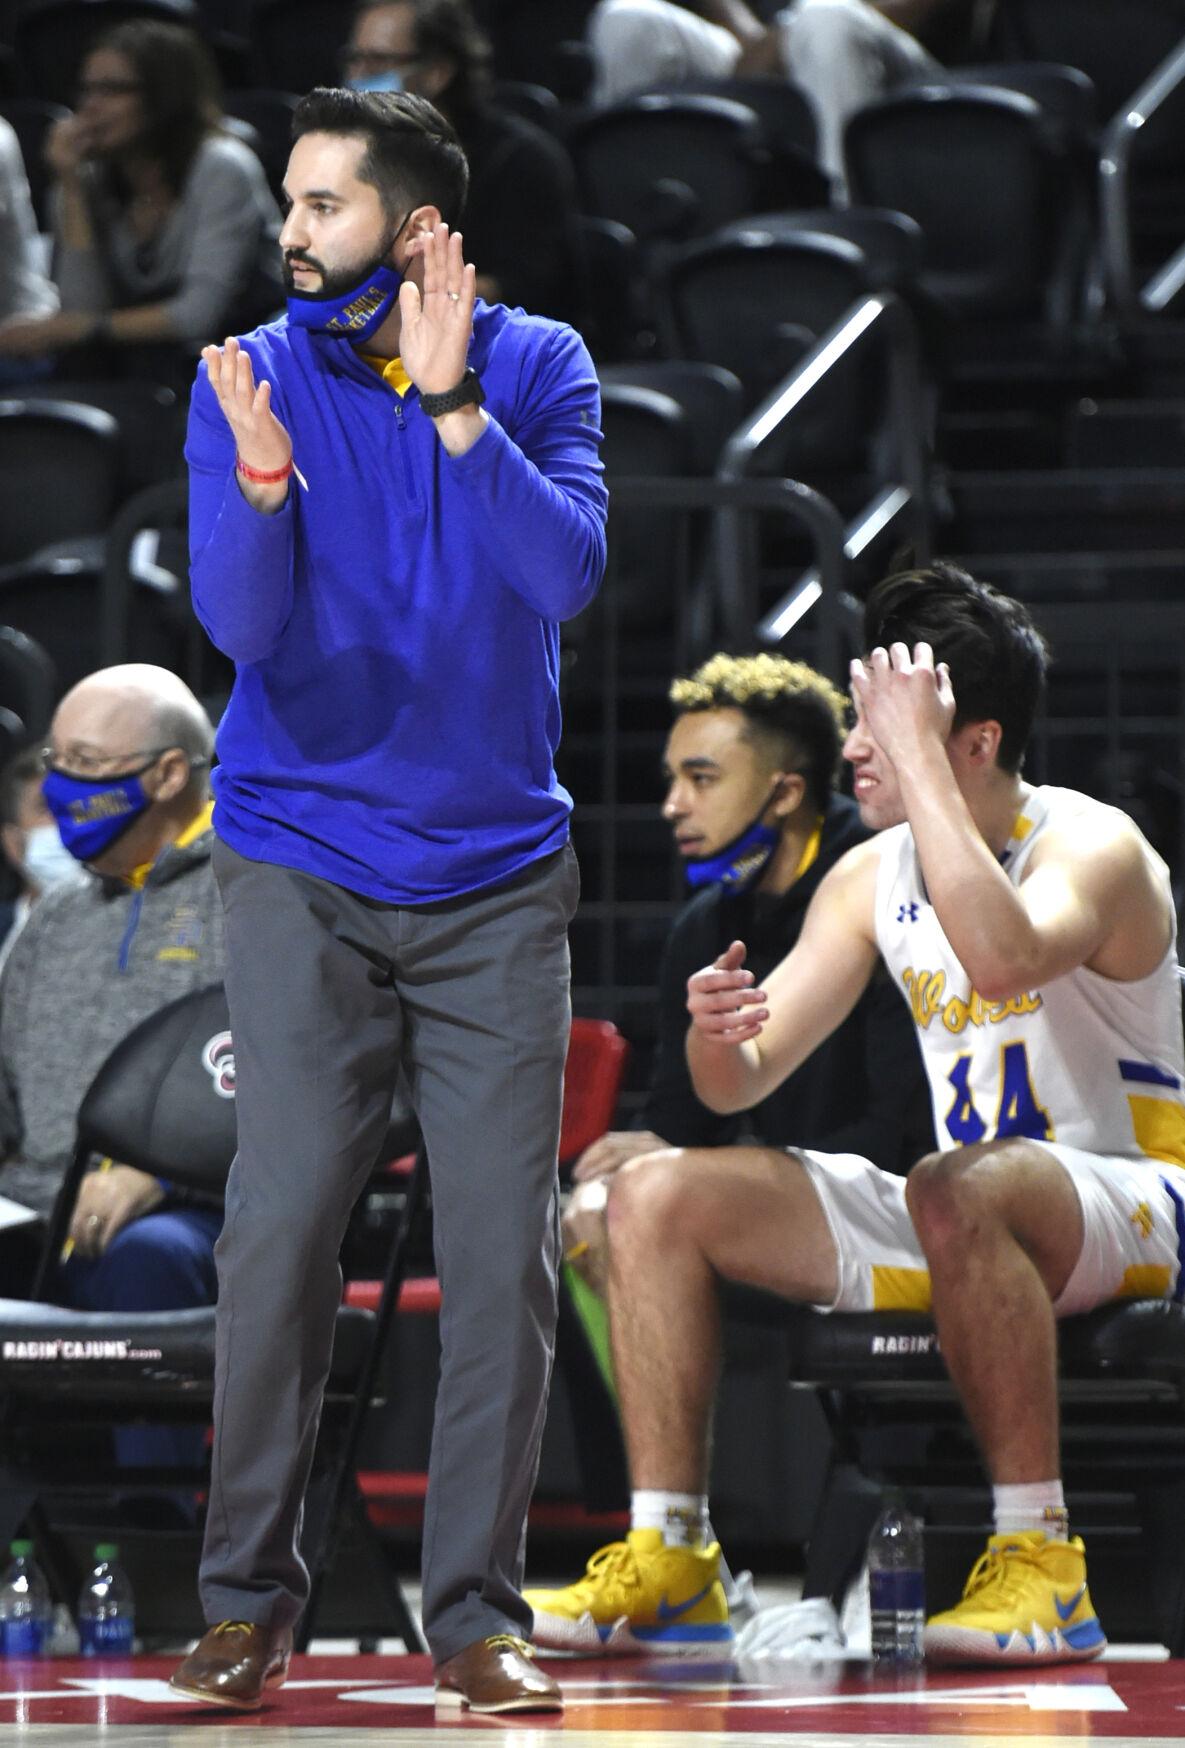 St. Paul's coach Stephen Dale